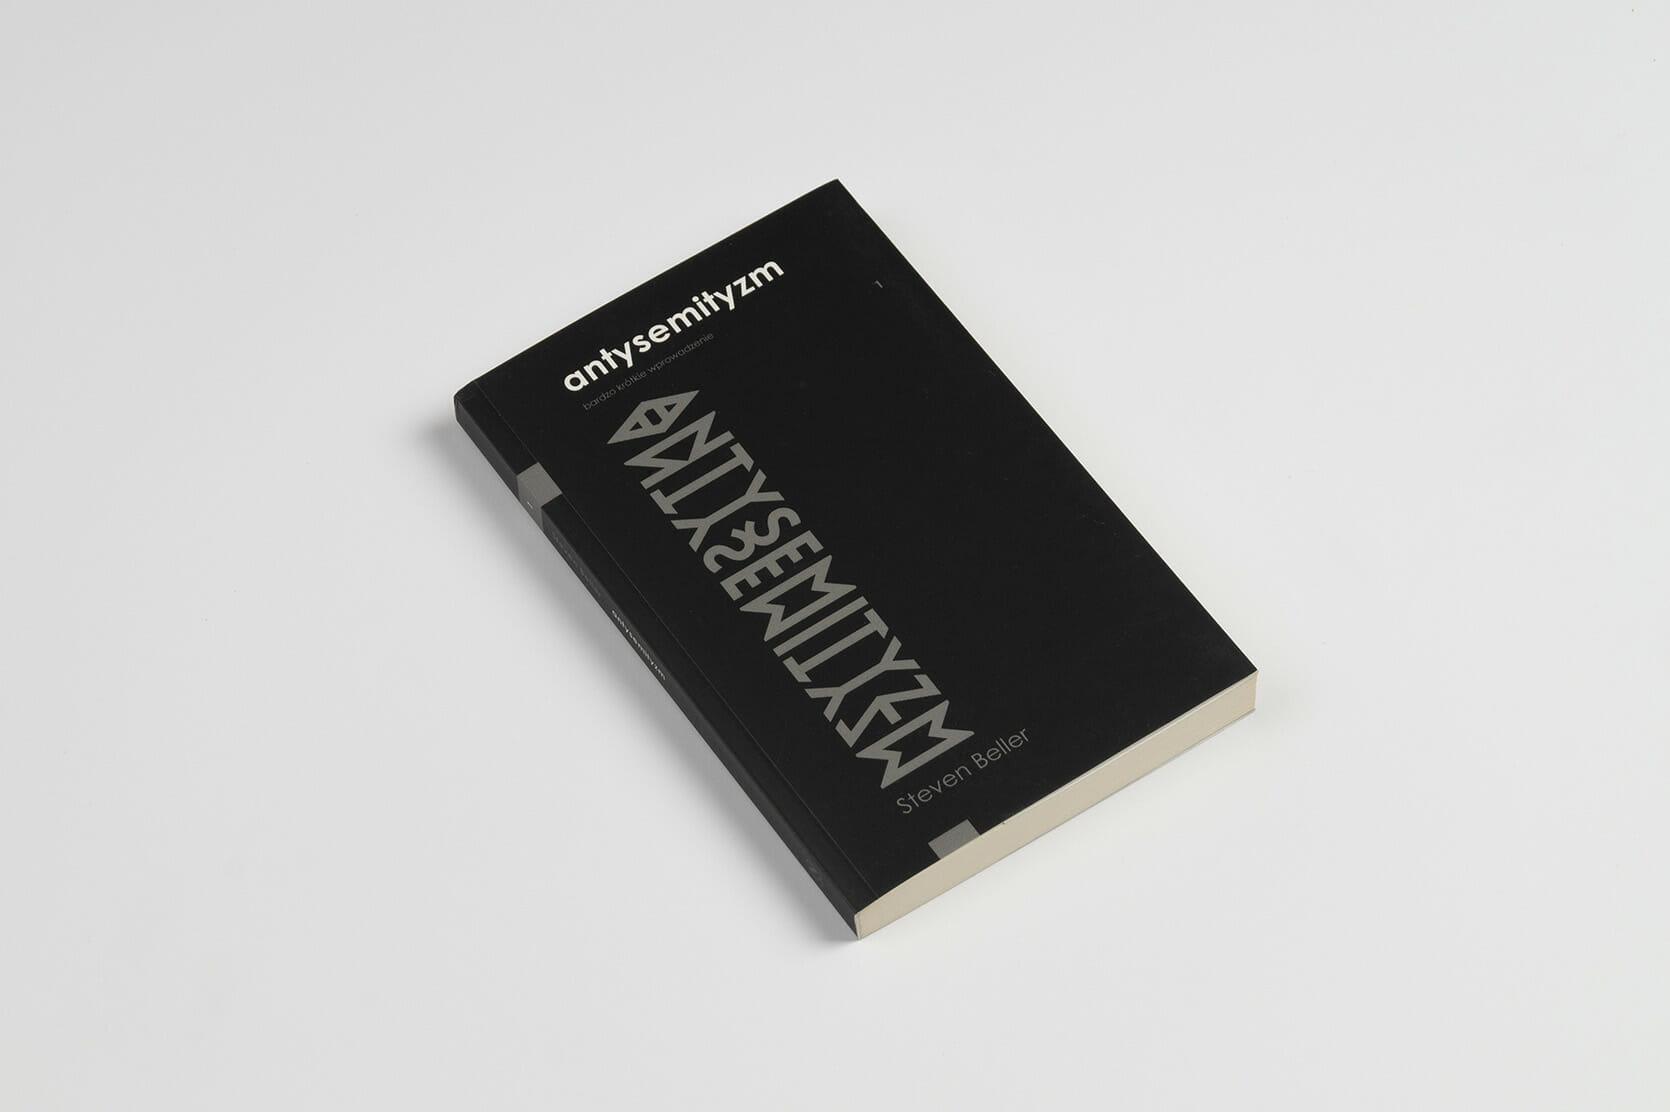 Antisemitism - beller - book cover